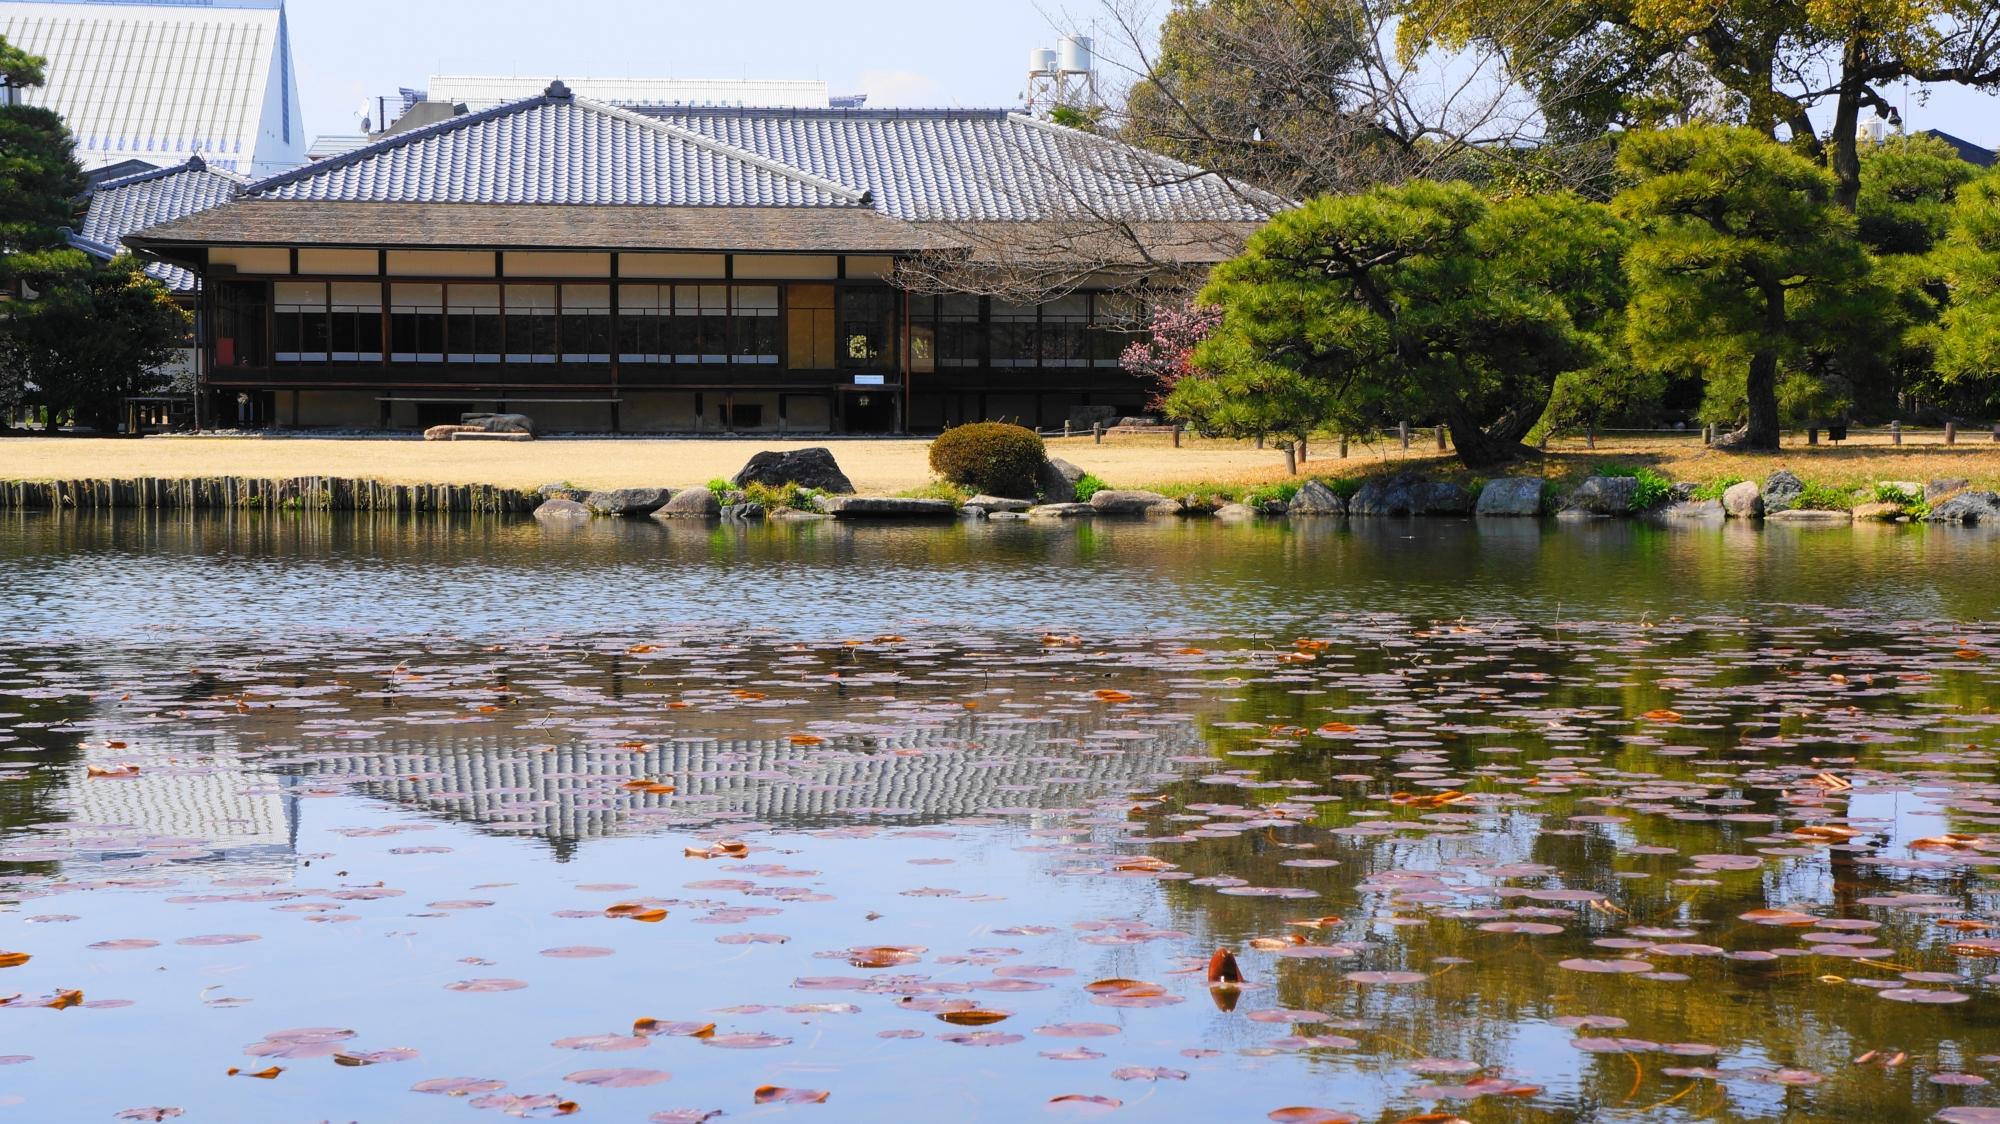 広々した庭園の中の印月池と閬風亭